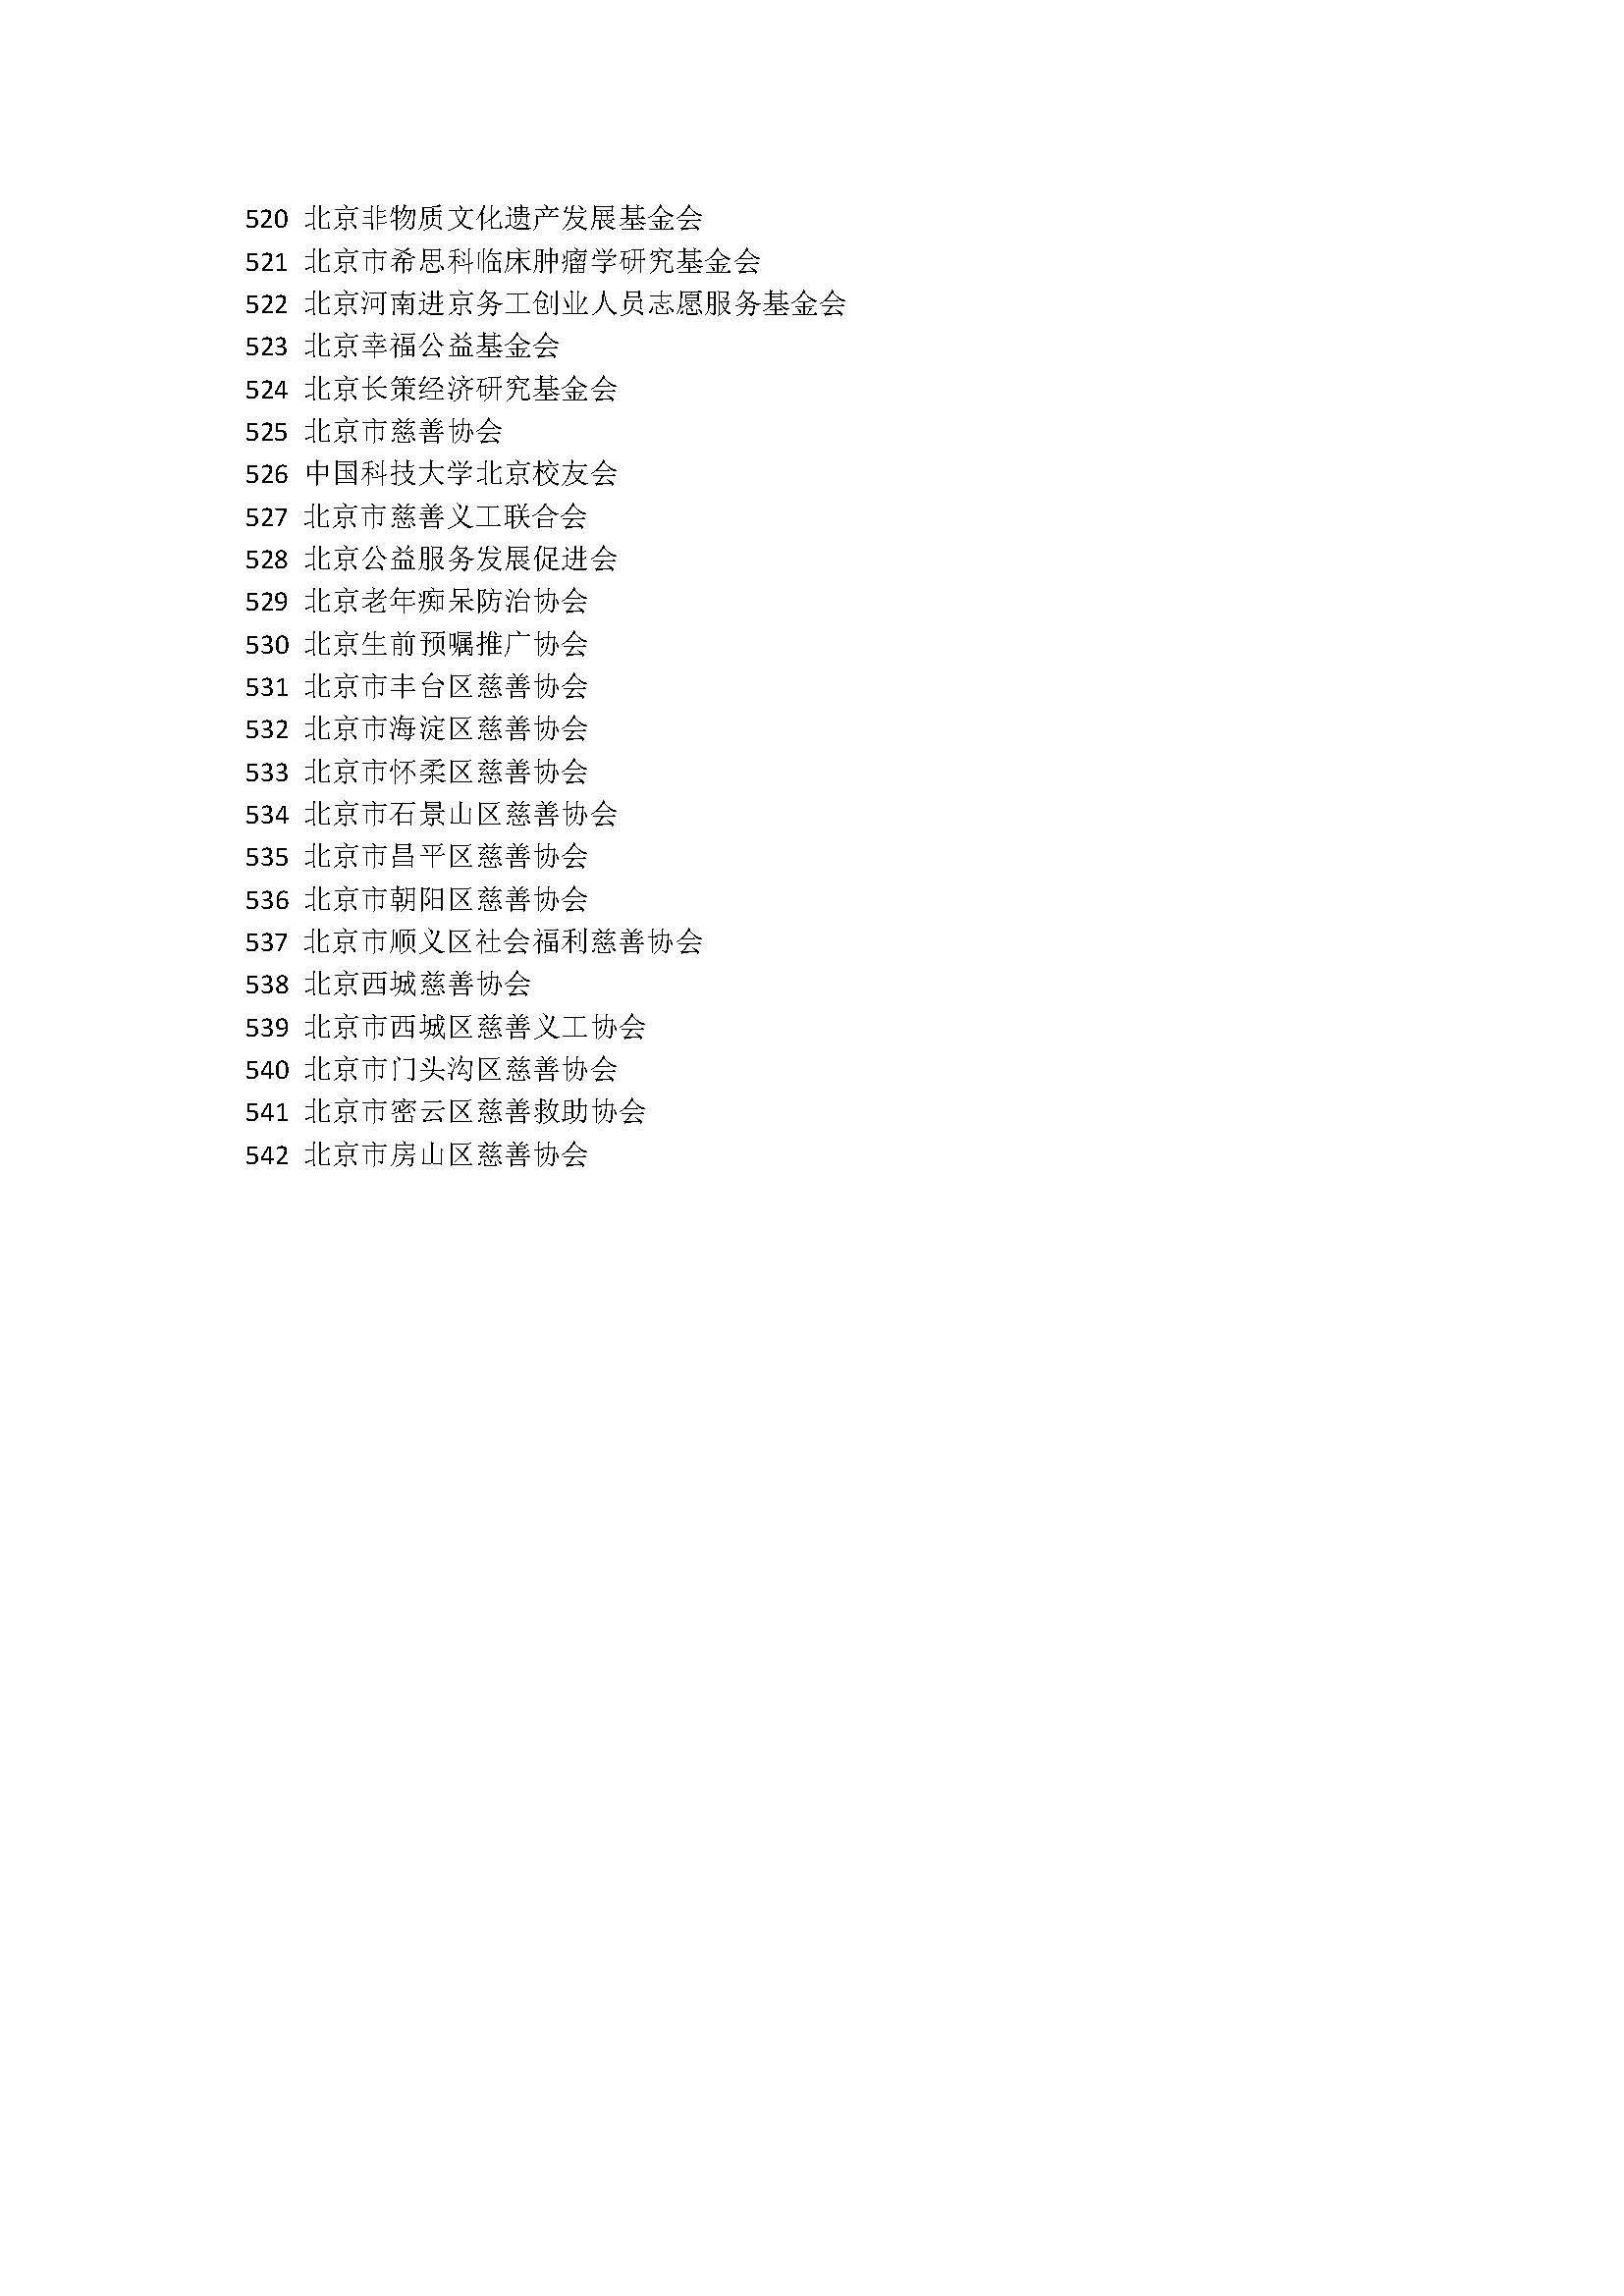 2017_页面_13